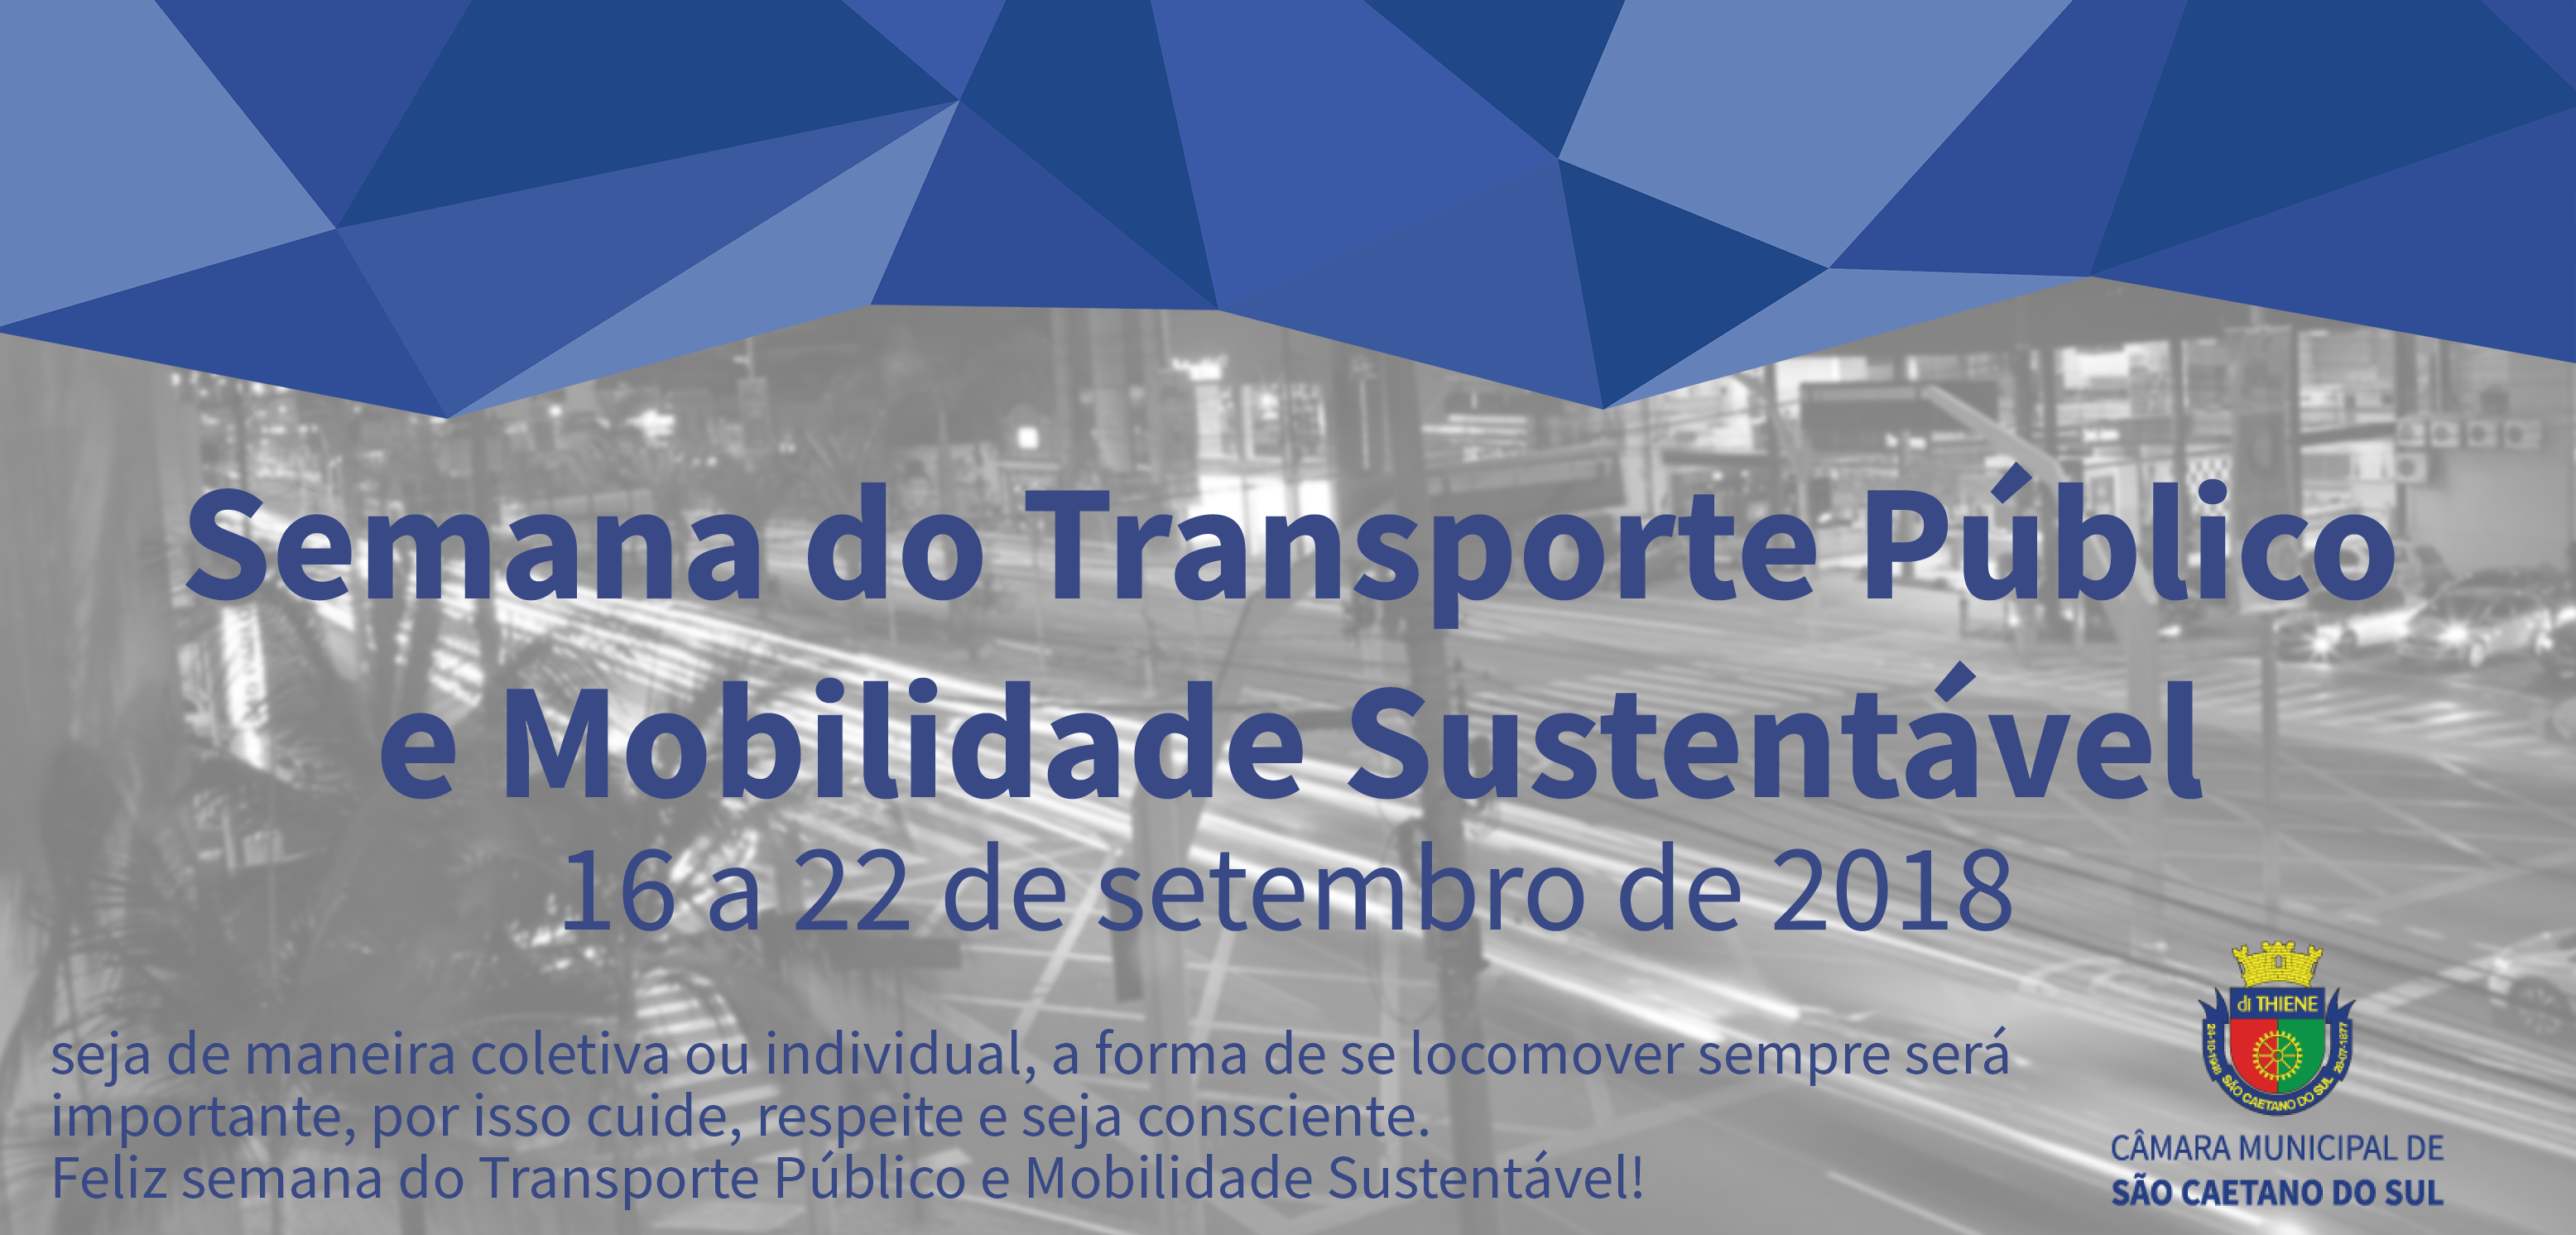 Semana do transporte público e mobilidade sustentável